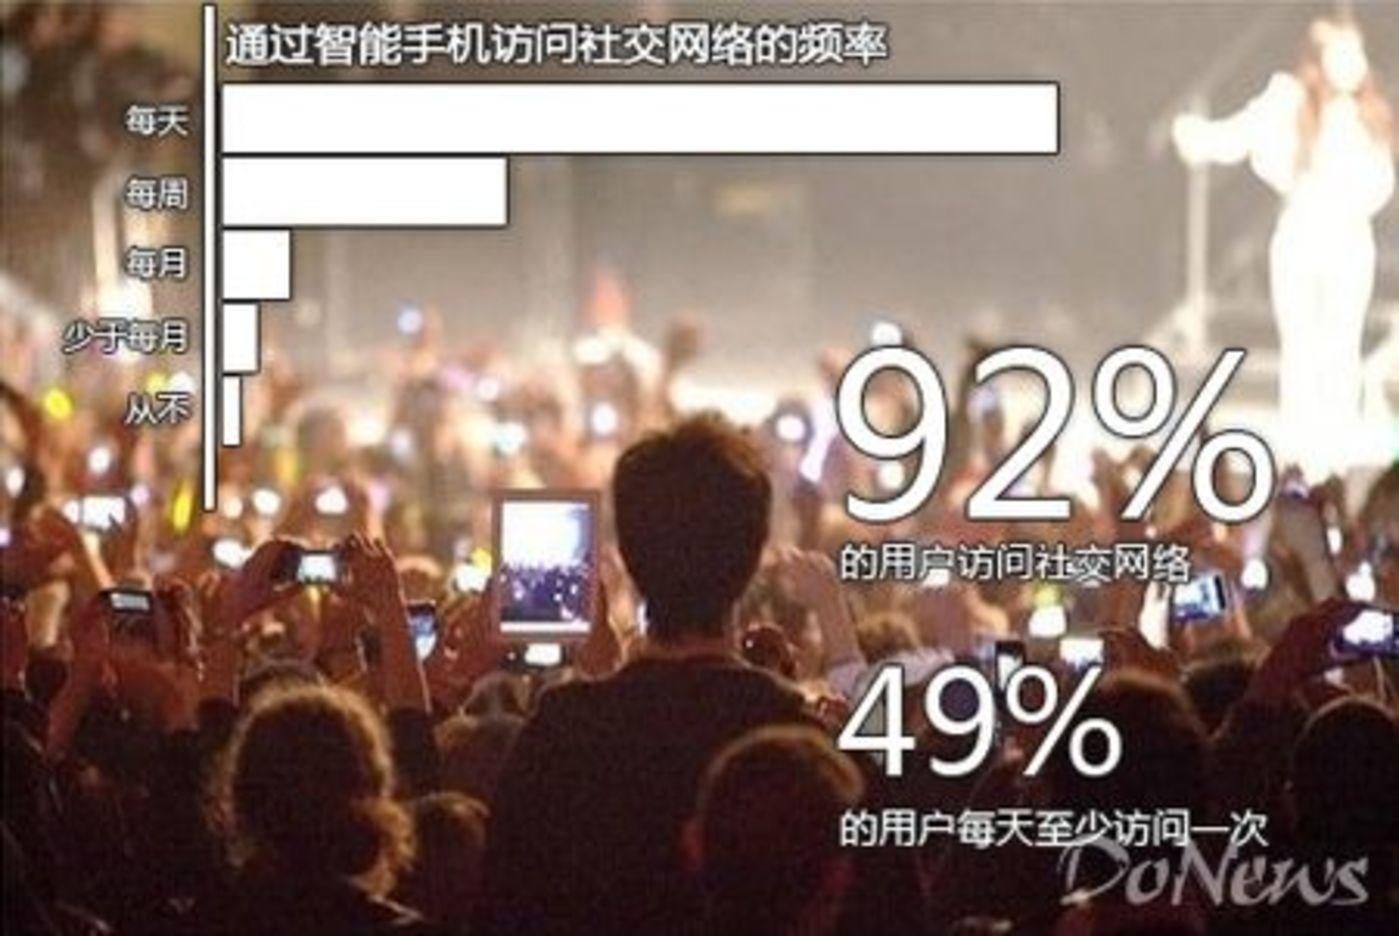 中国4亿移动互联网用户使用社交应用的比例